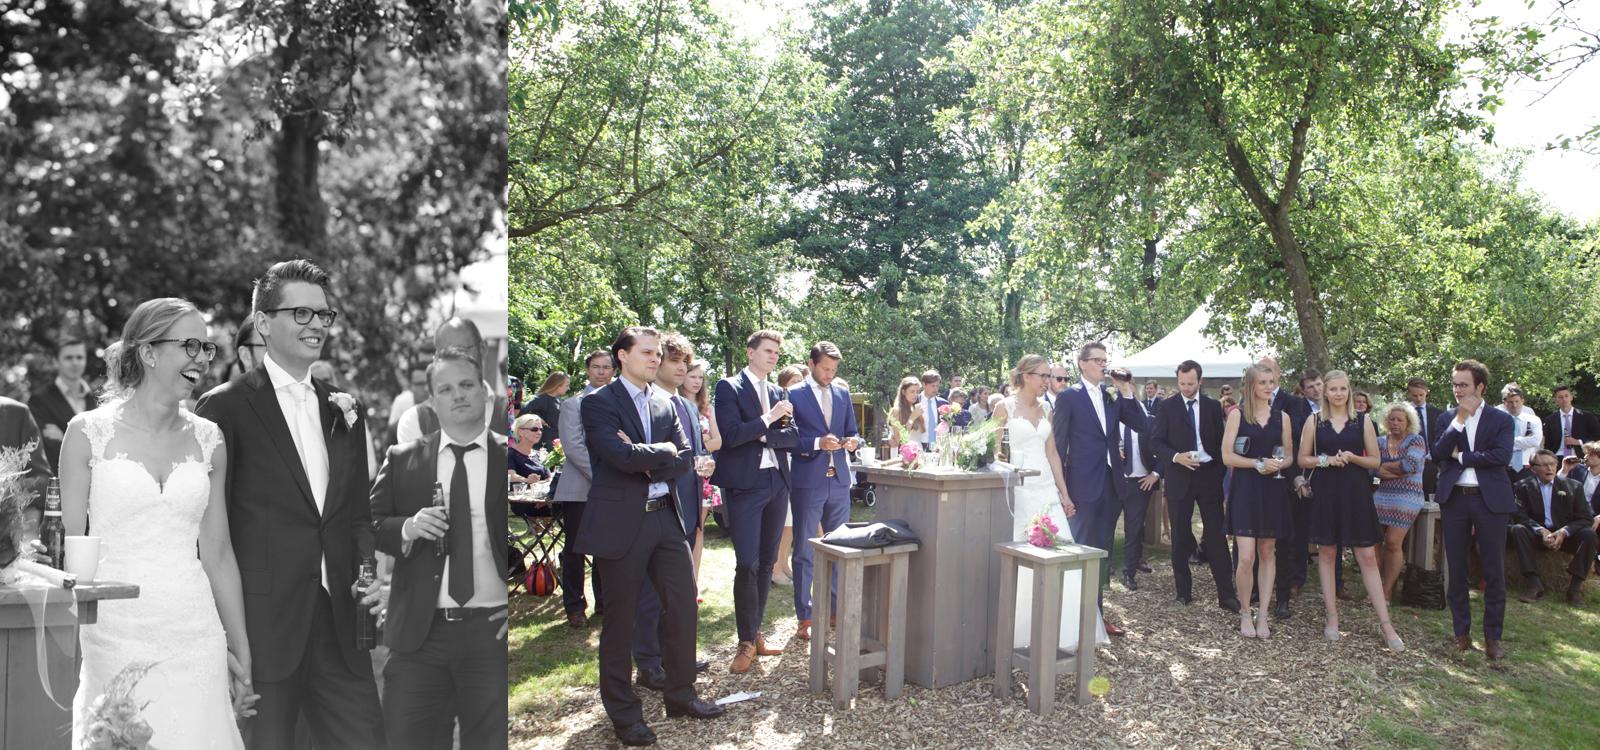 Idyllische bruidsfotografie van een bruiloft tussen de bomen.